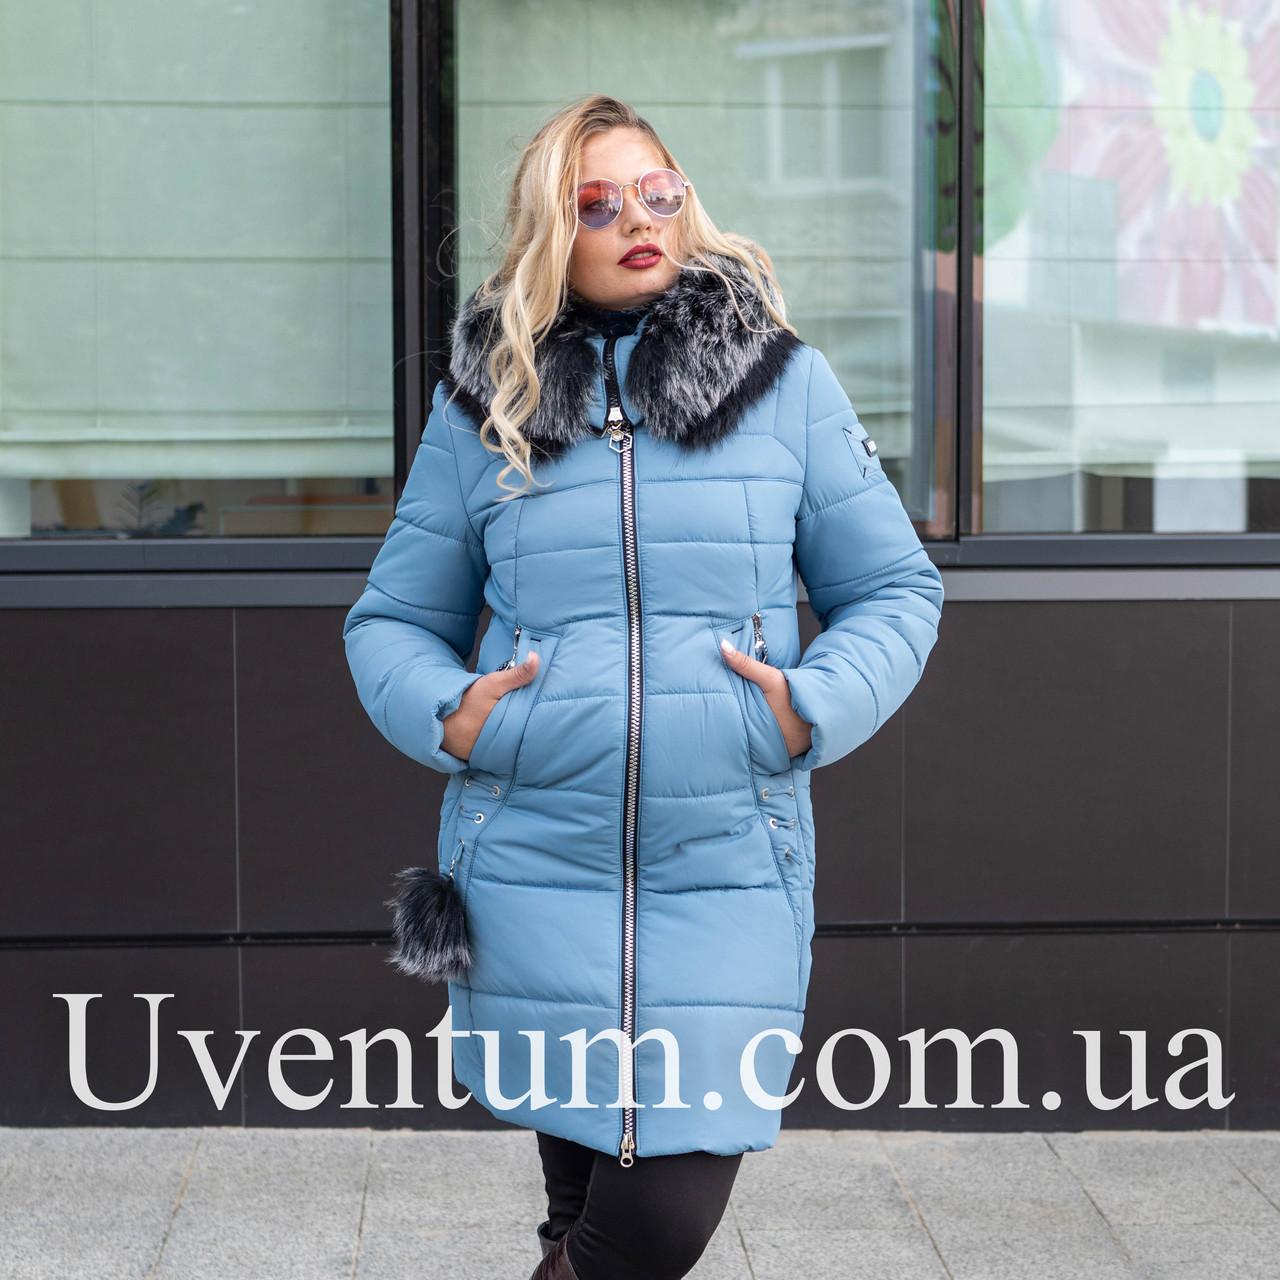 Зимові Пуховики жіночі великих розмірів 56,58,60 блакитний